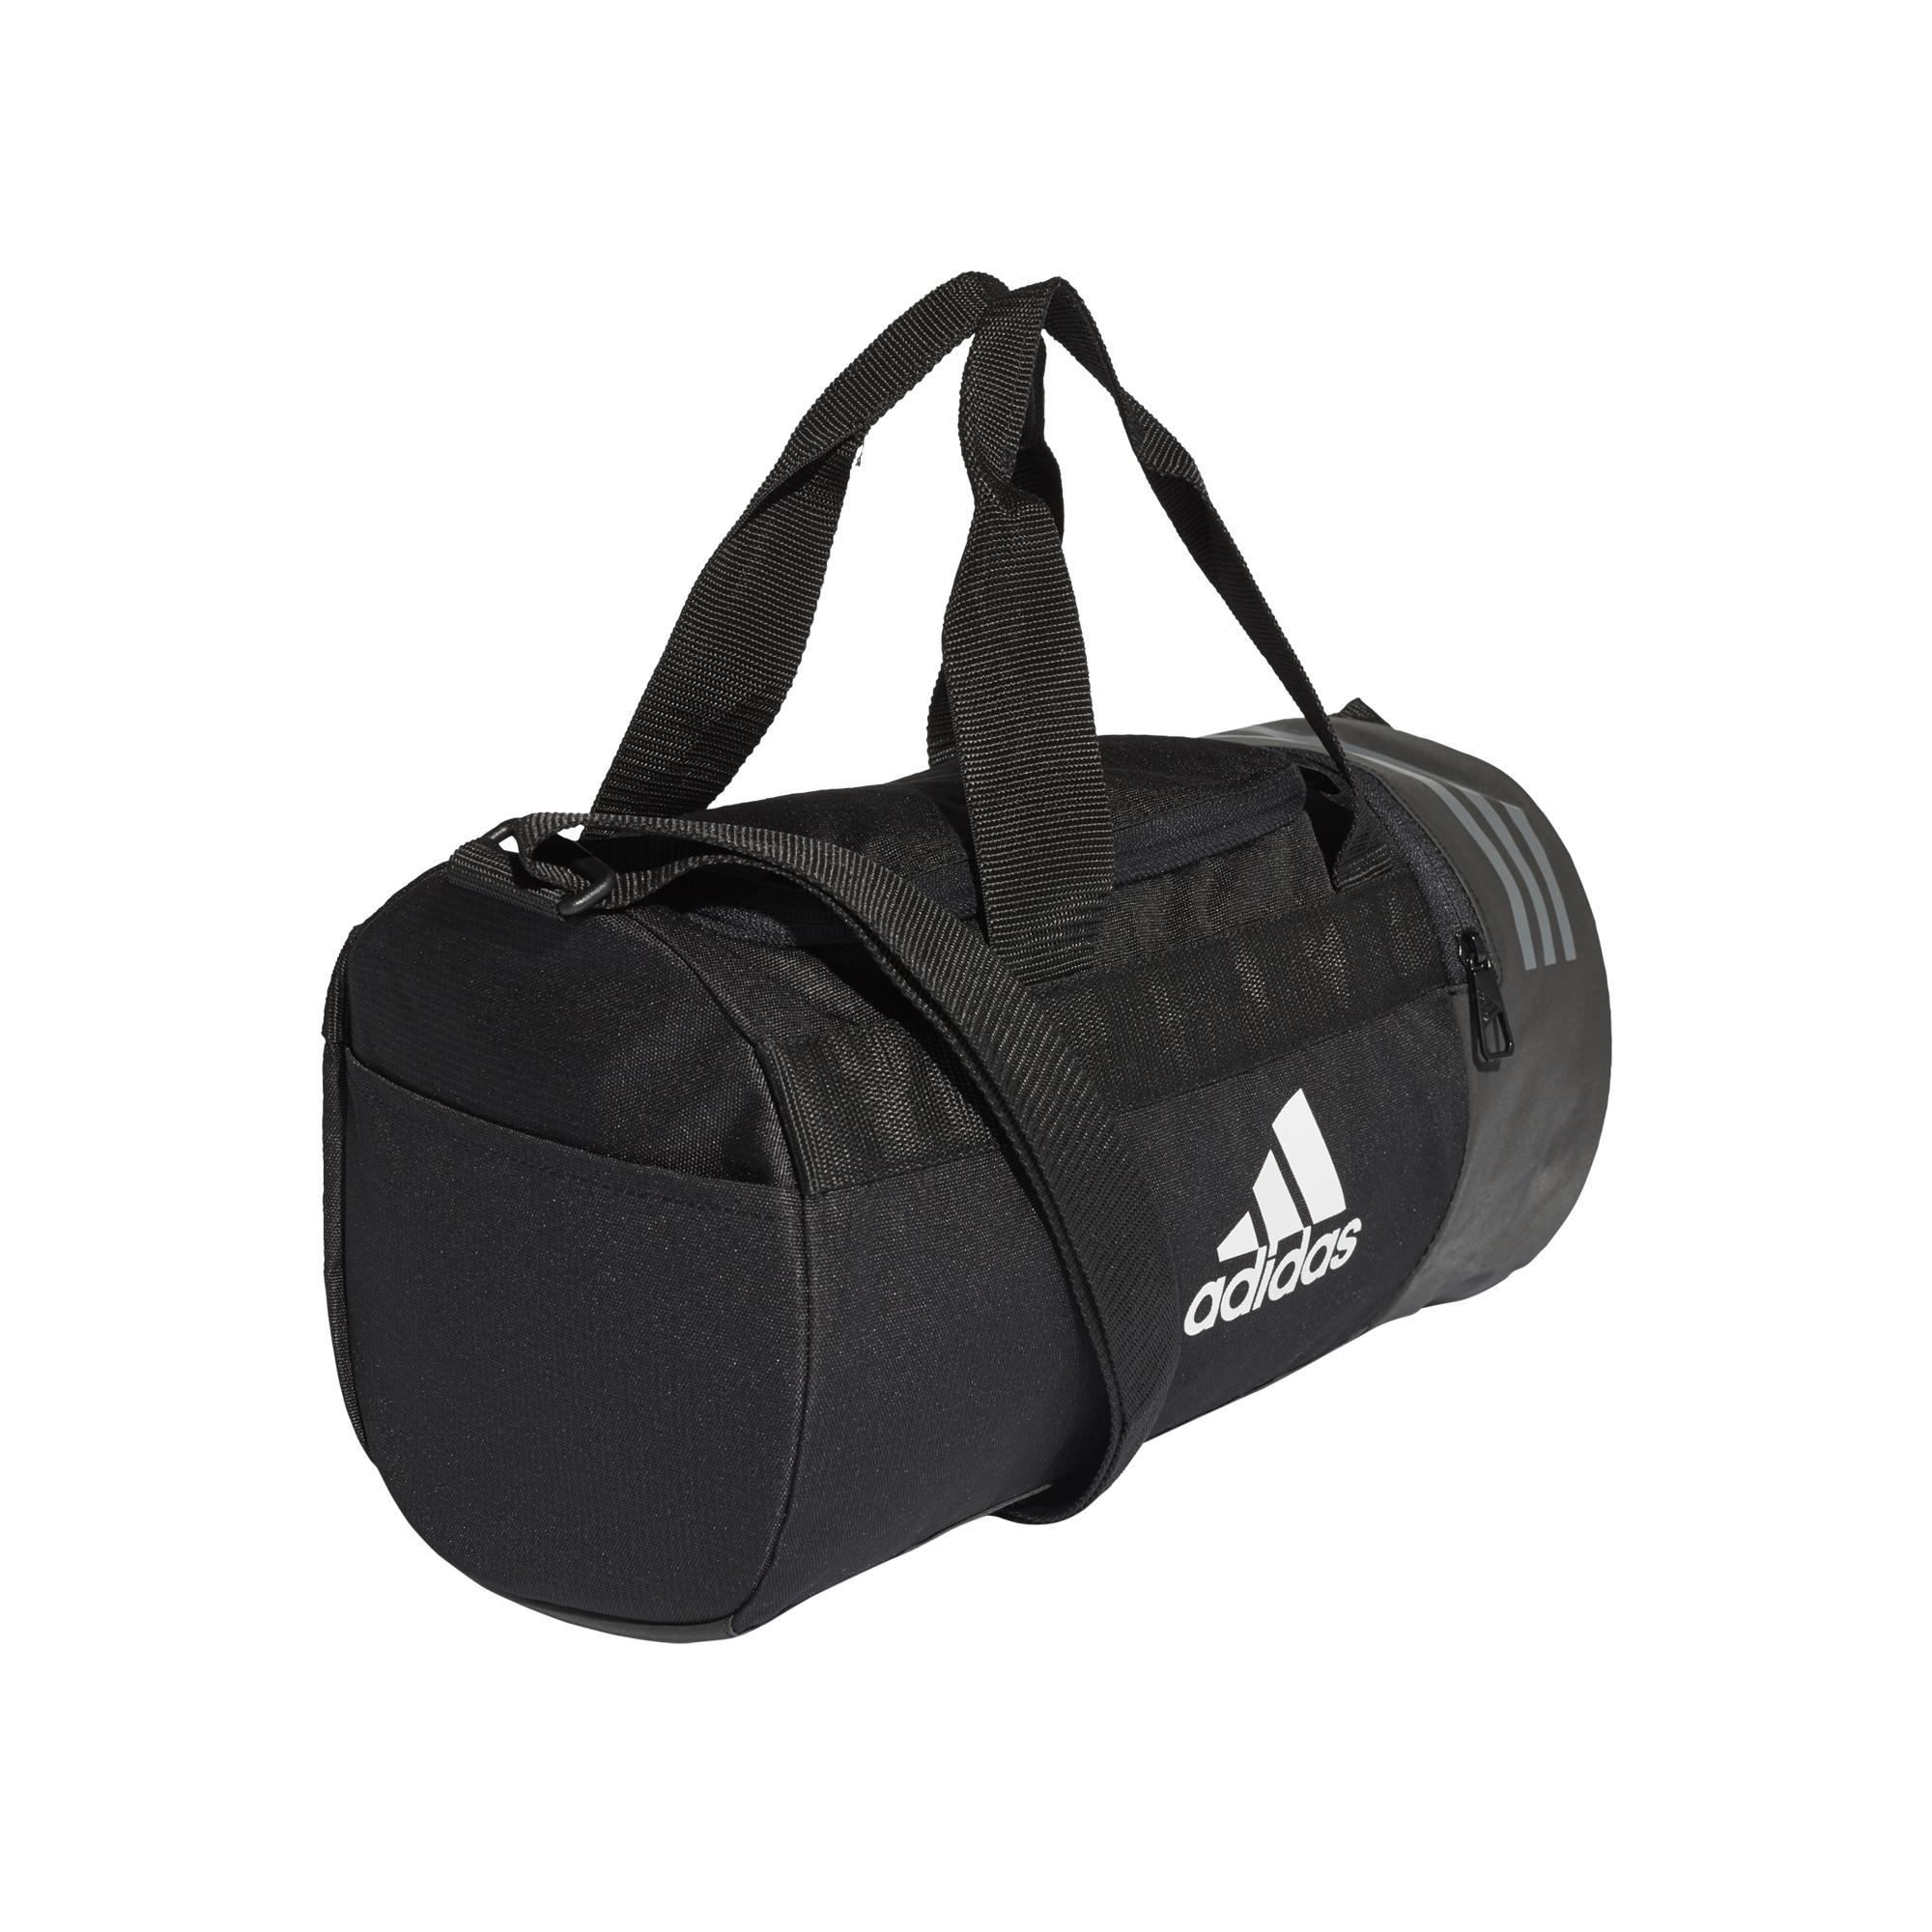 kolejna szansa bardzo popularny świeże style torba adidas Convertible 3-Stripes Duffel XS CG1531